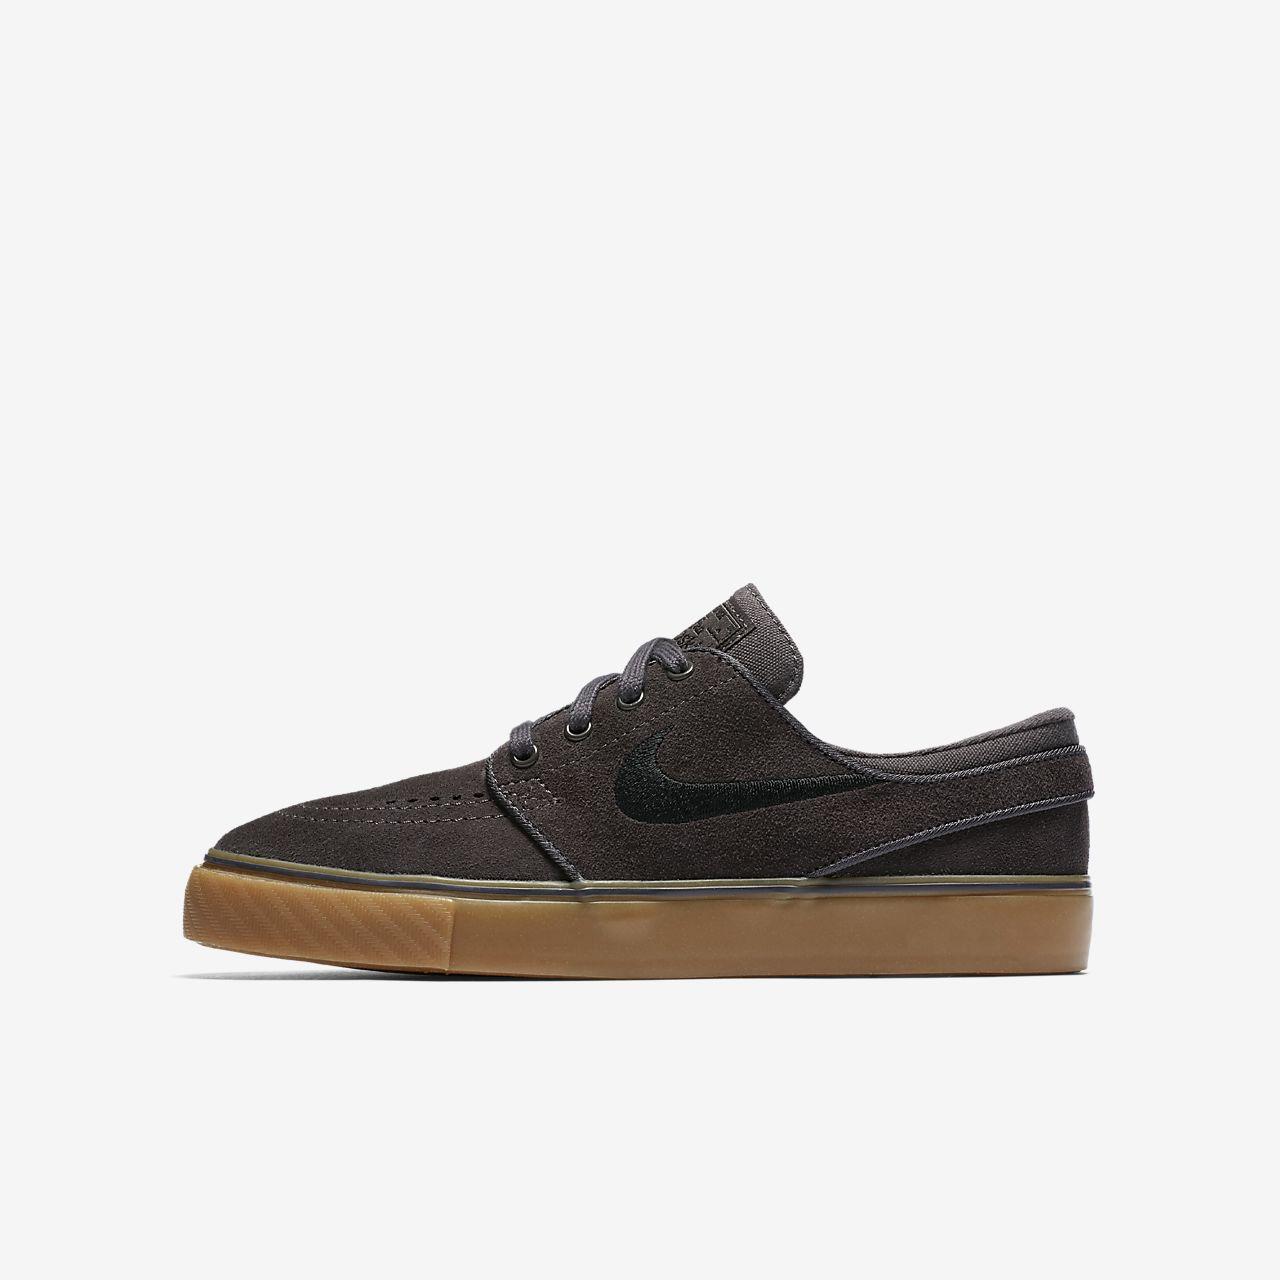 Buty do skateboardingu dla dużych dzieci Nike Zoom Stefan Janoski